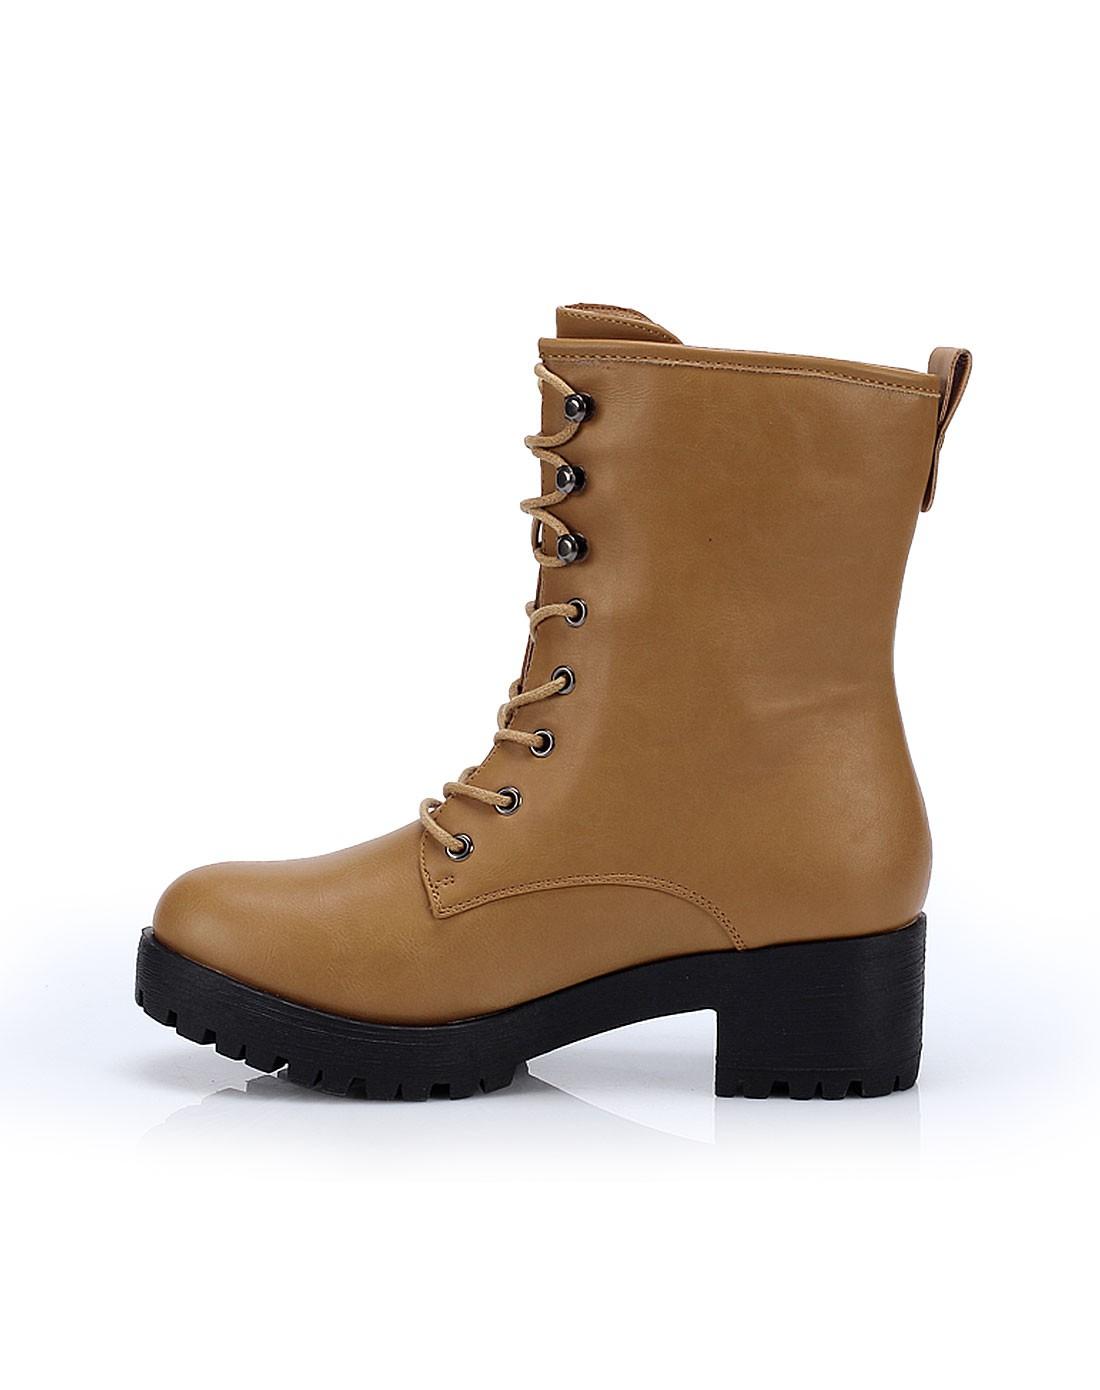 女款黄棕色简约系带粗跟马丁靴